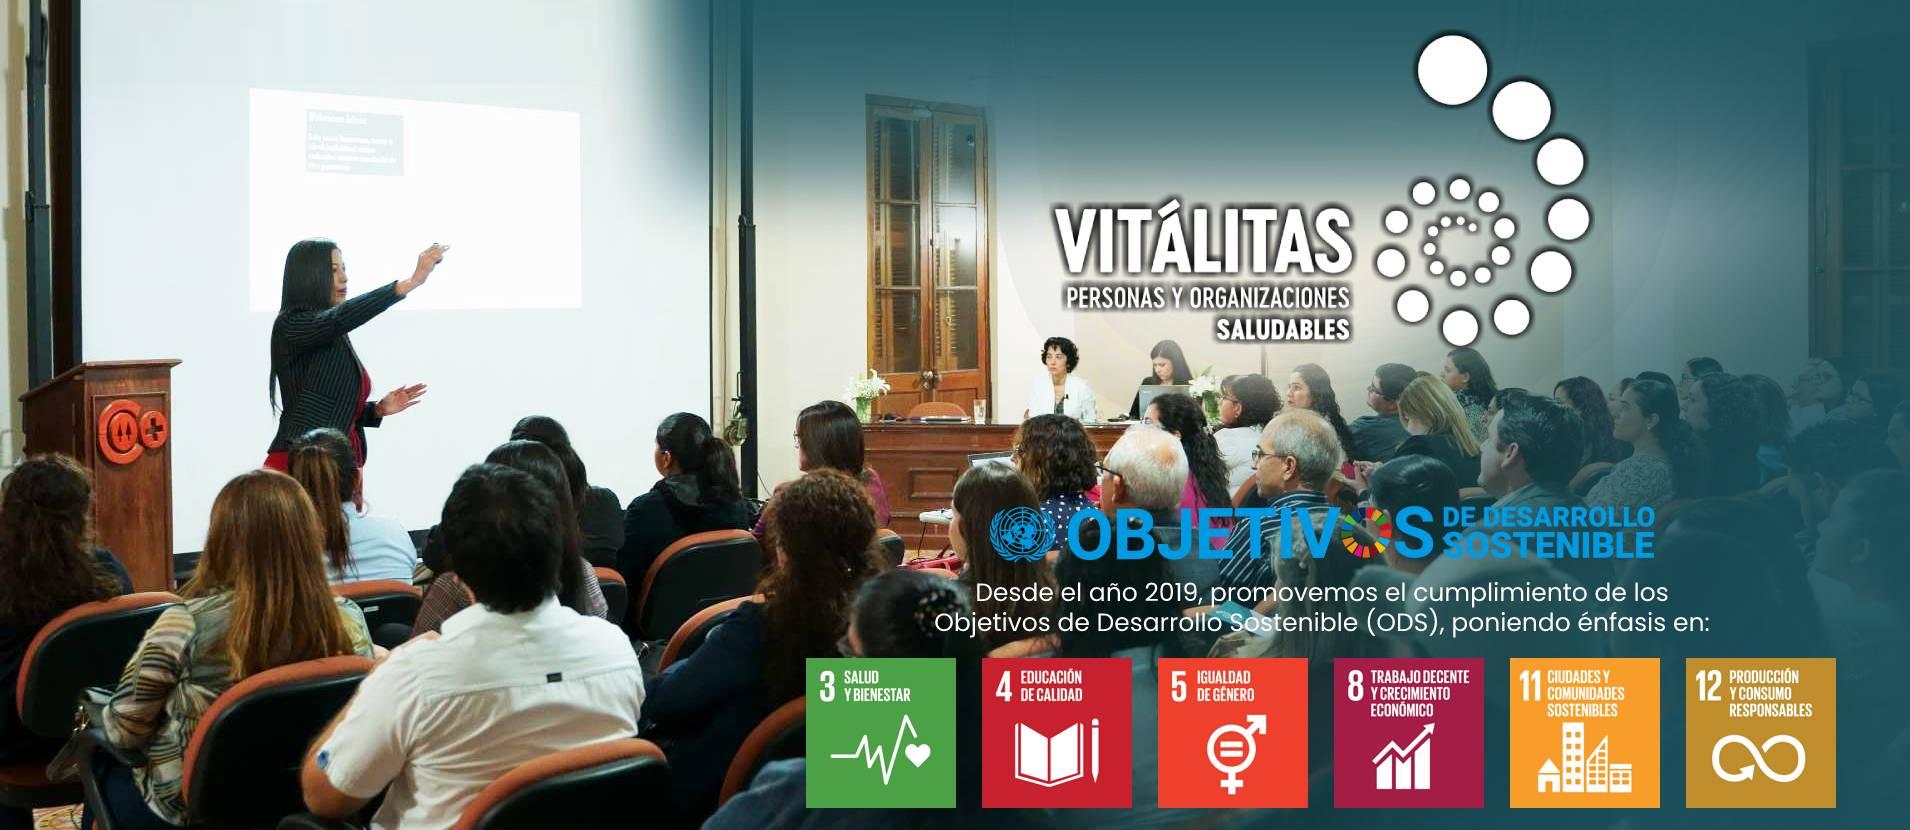 VITÁLITAS: Personas y Organizaciones Saludables